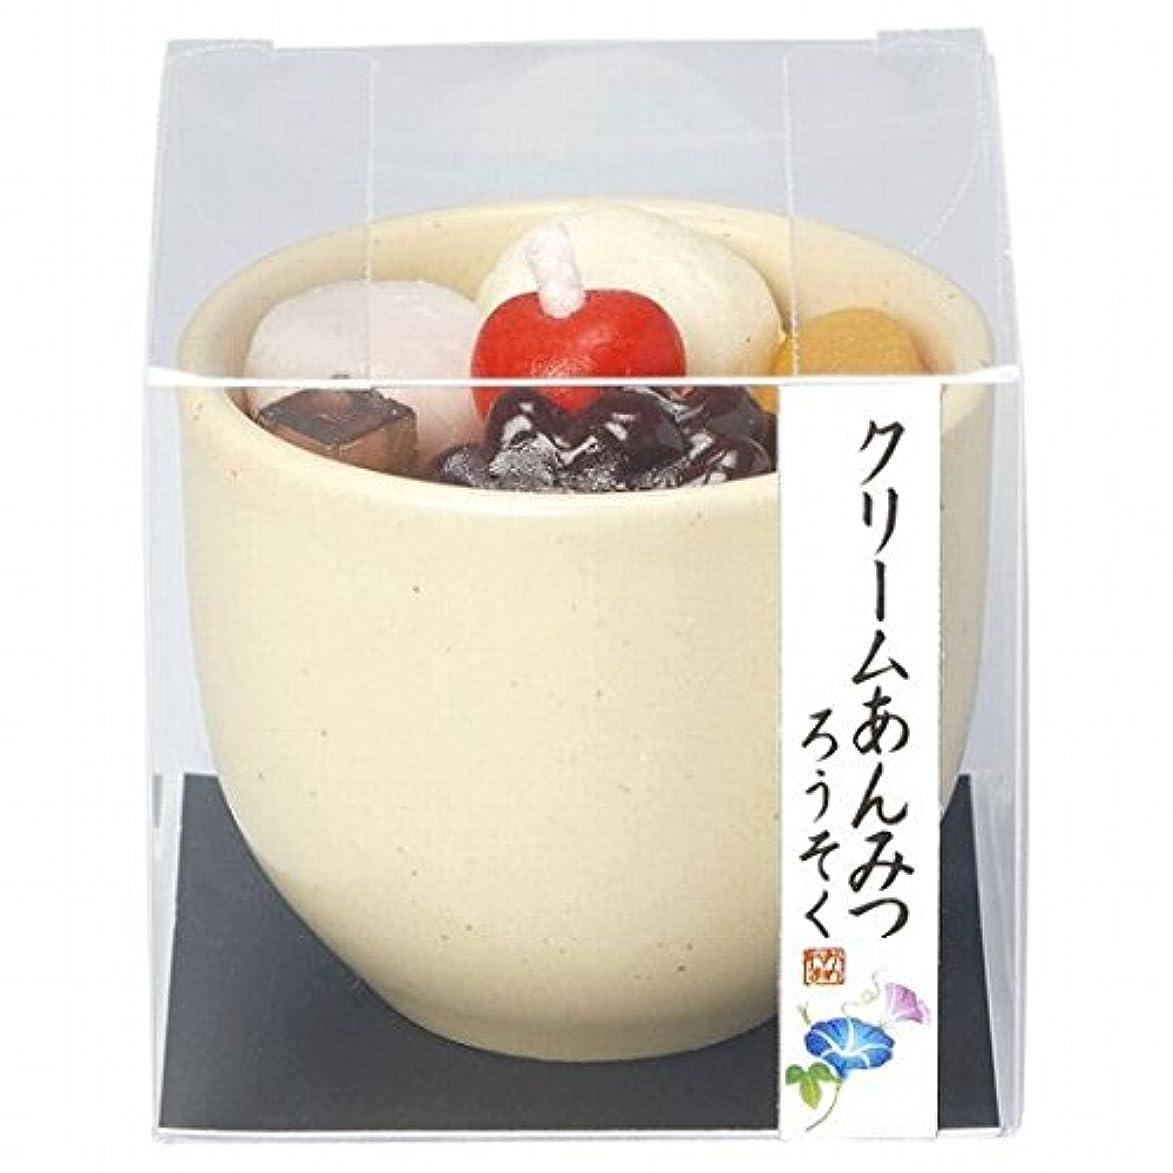 育成警告する複製カメヤマキャンドル( kameyama candle ) クリームあんみつキャンドル